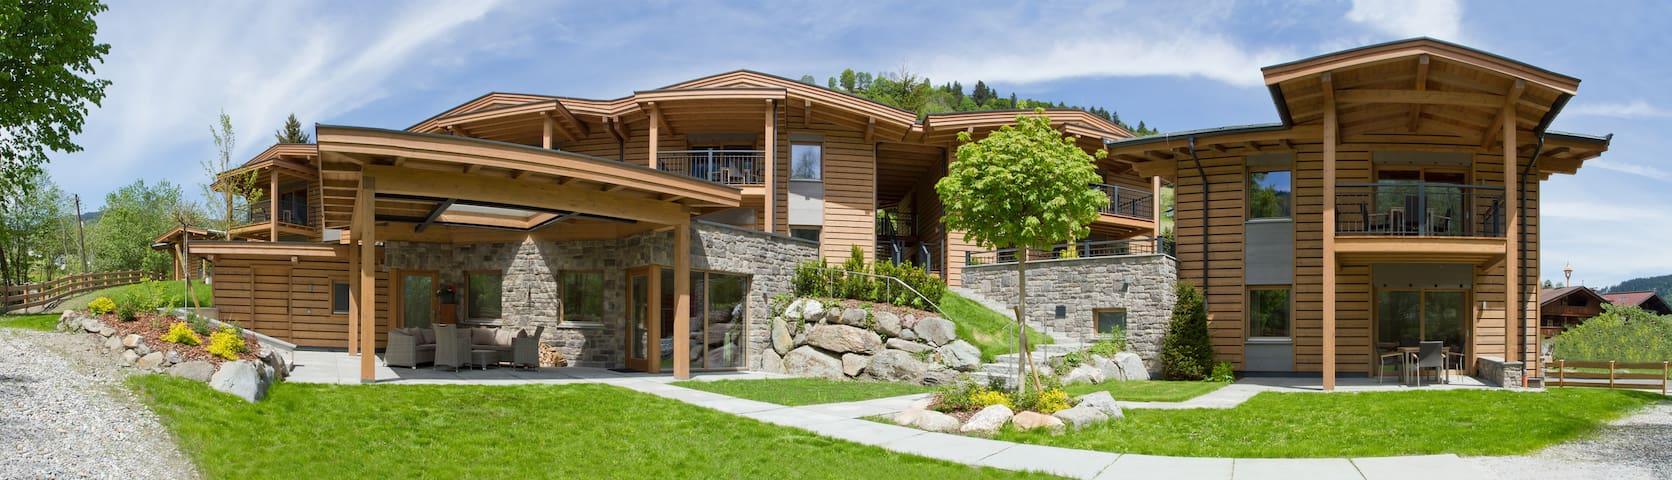 Appartement/Wohnung, Resort Tirol, Wildschönau